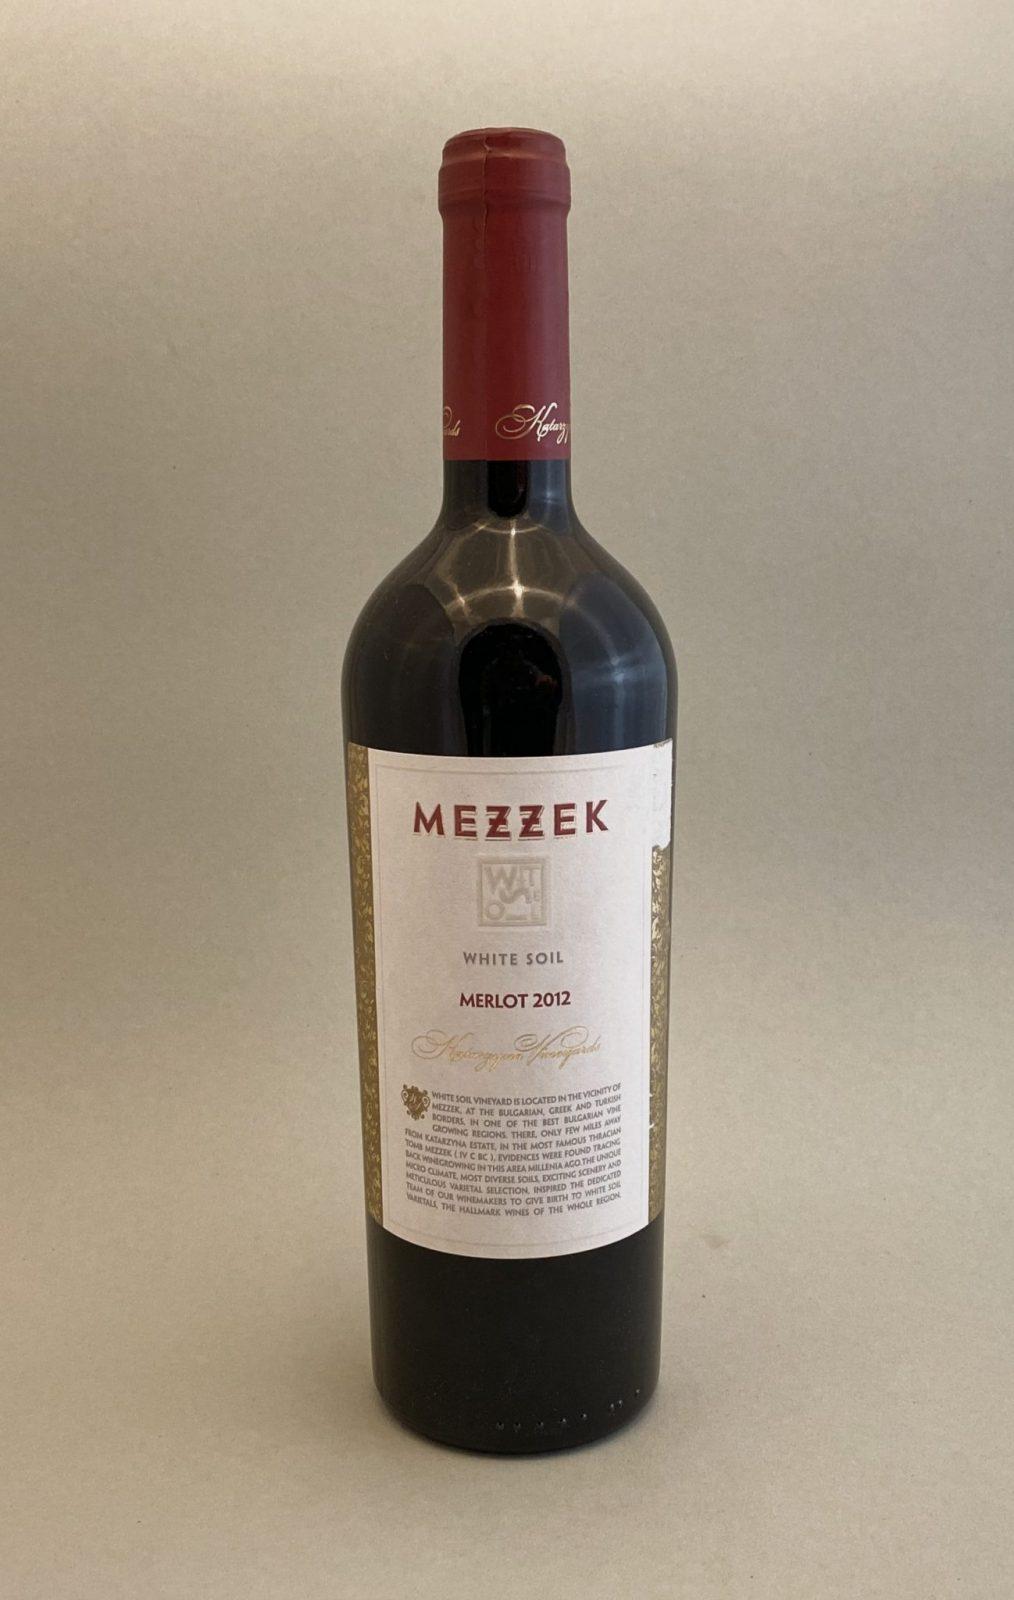 MEZZEK Merlot 2012, vinoteka Bratislava slnecnice mesto, petrzalka, vino červené z Bulharska